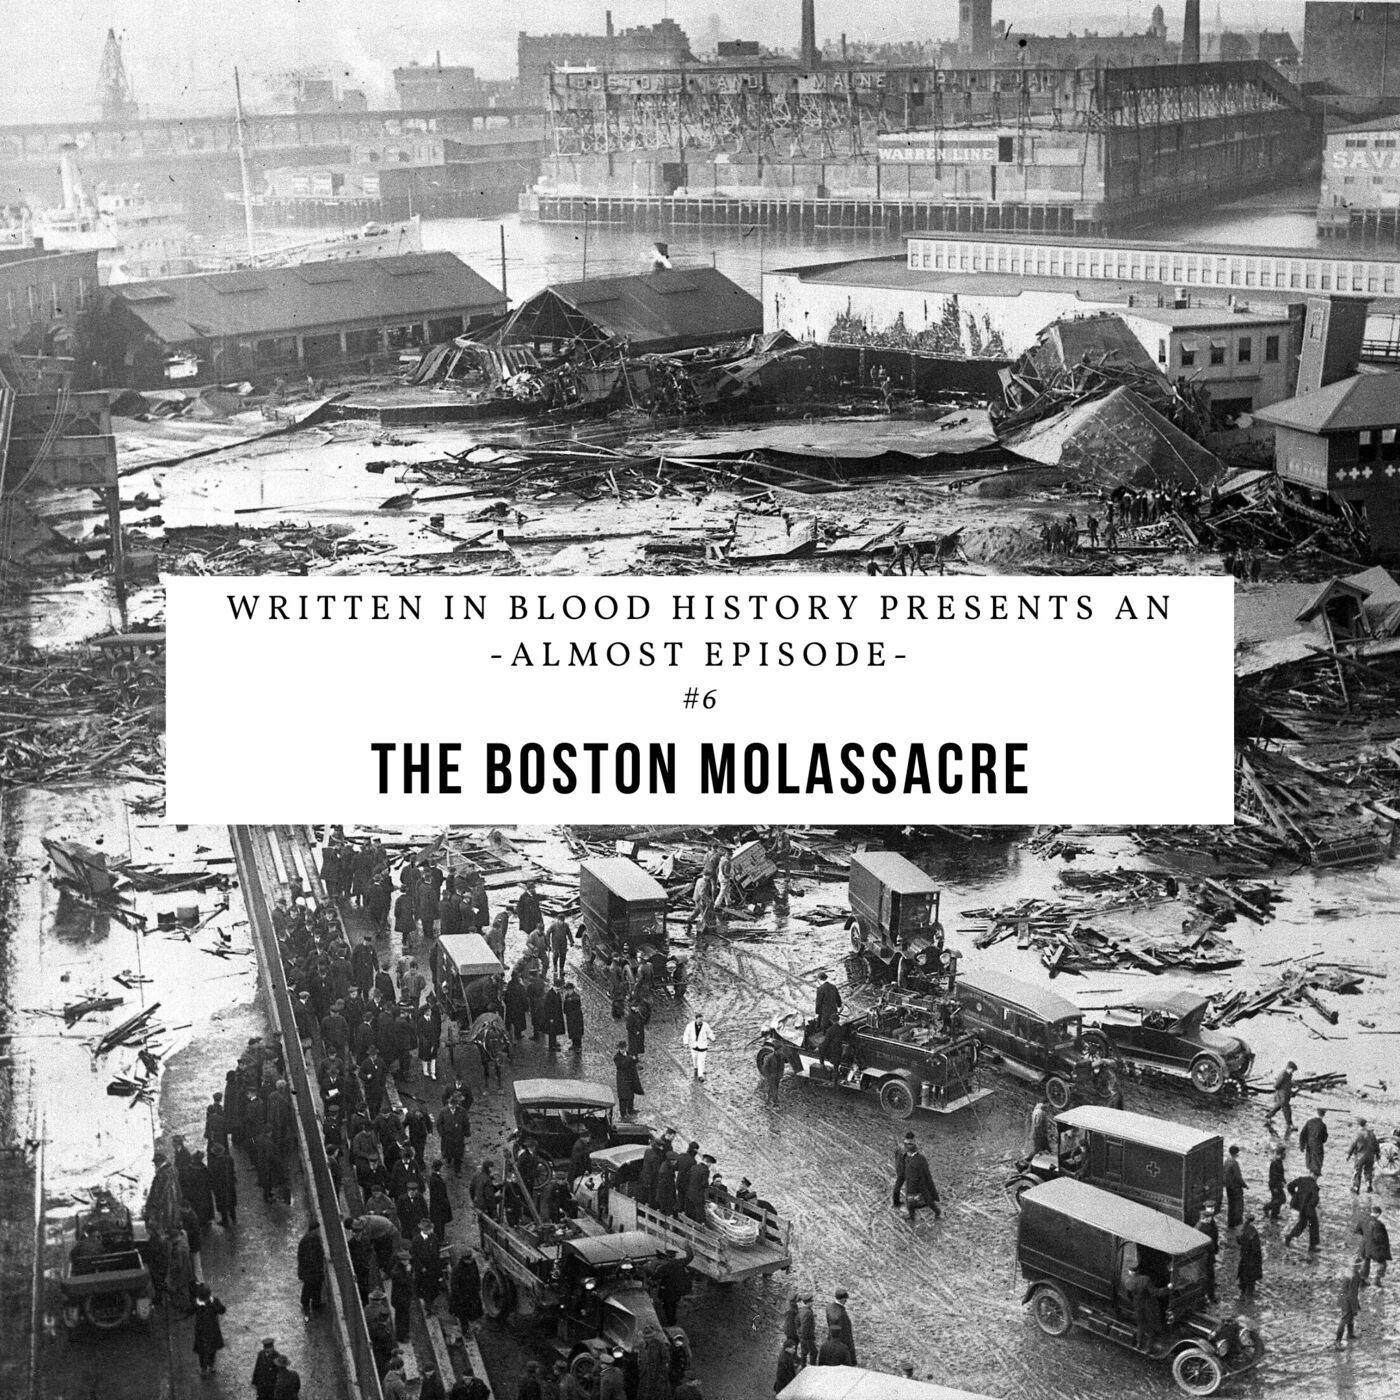 Almost Episode: The Boston Molassacre